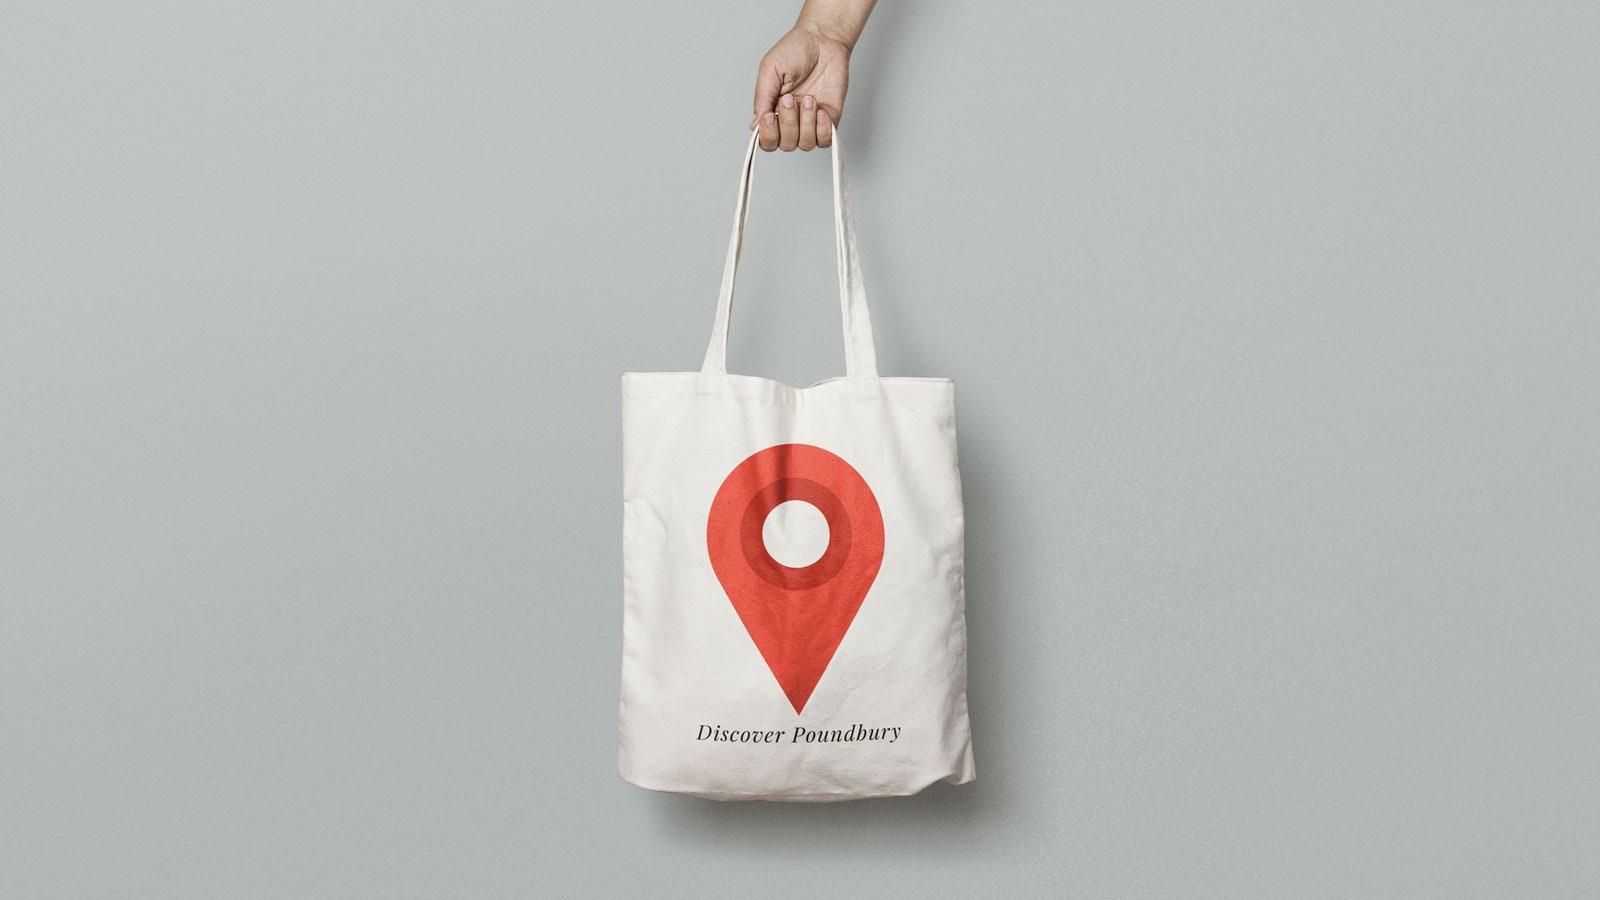 work-discover-poundbury-bag